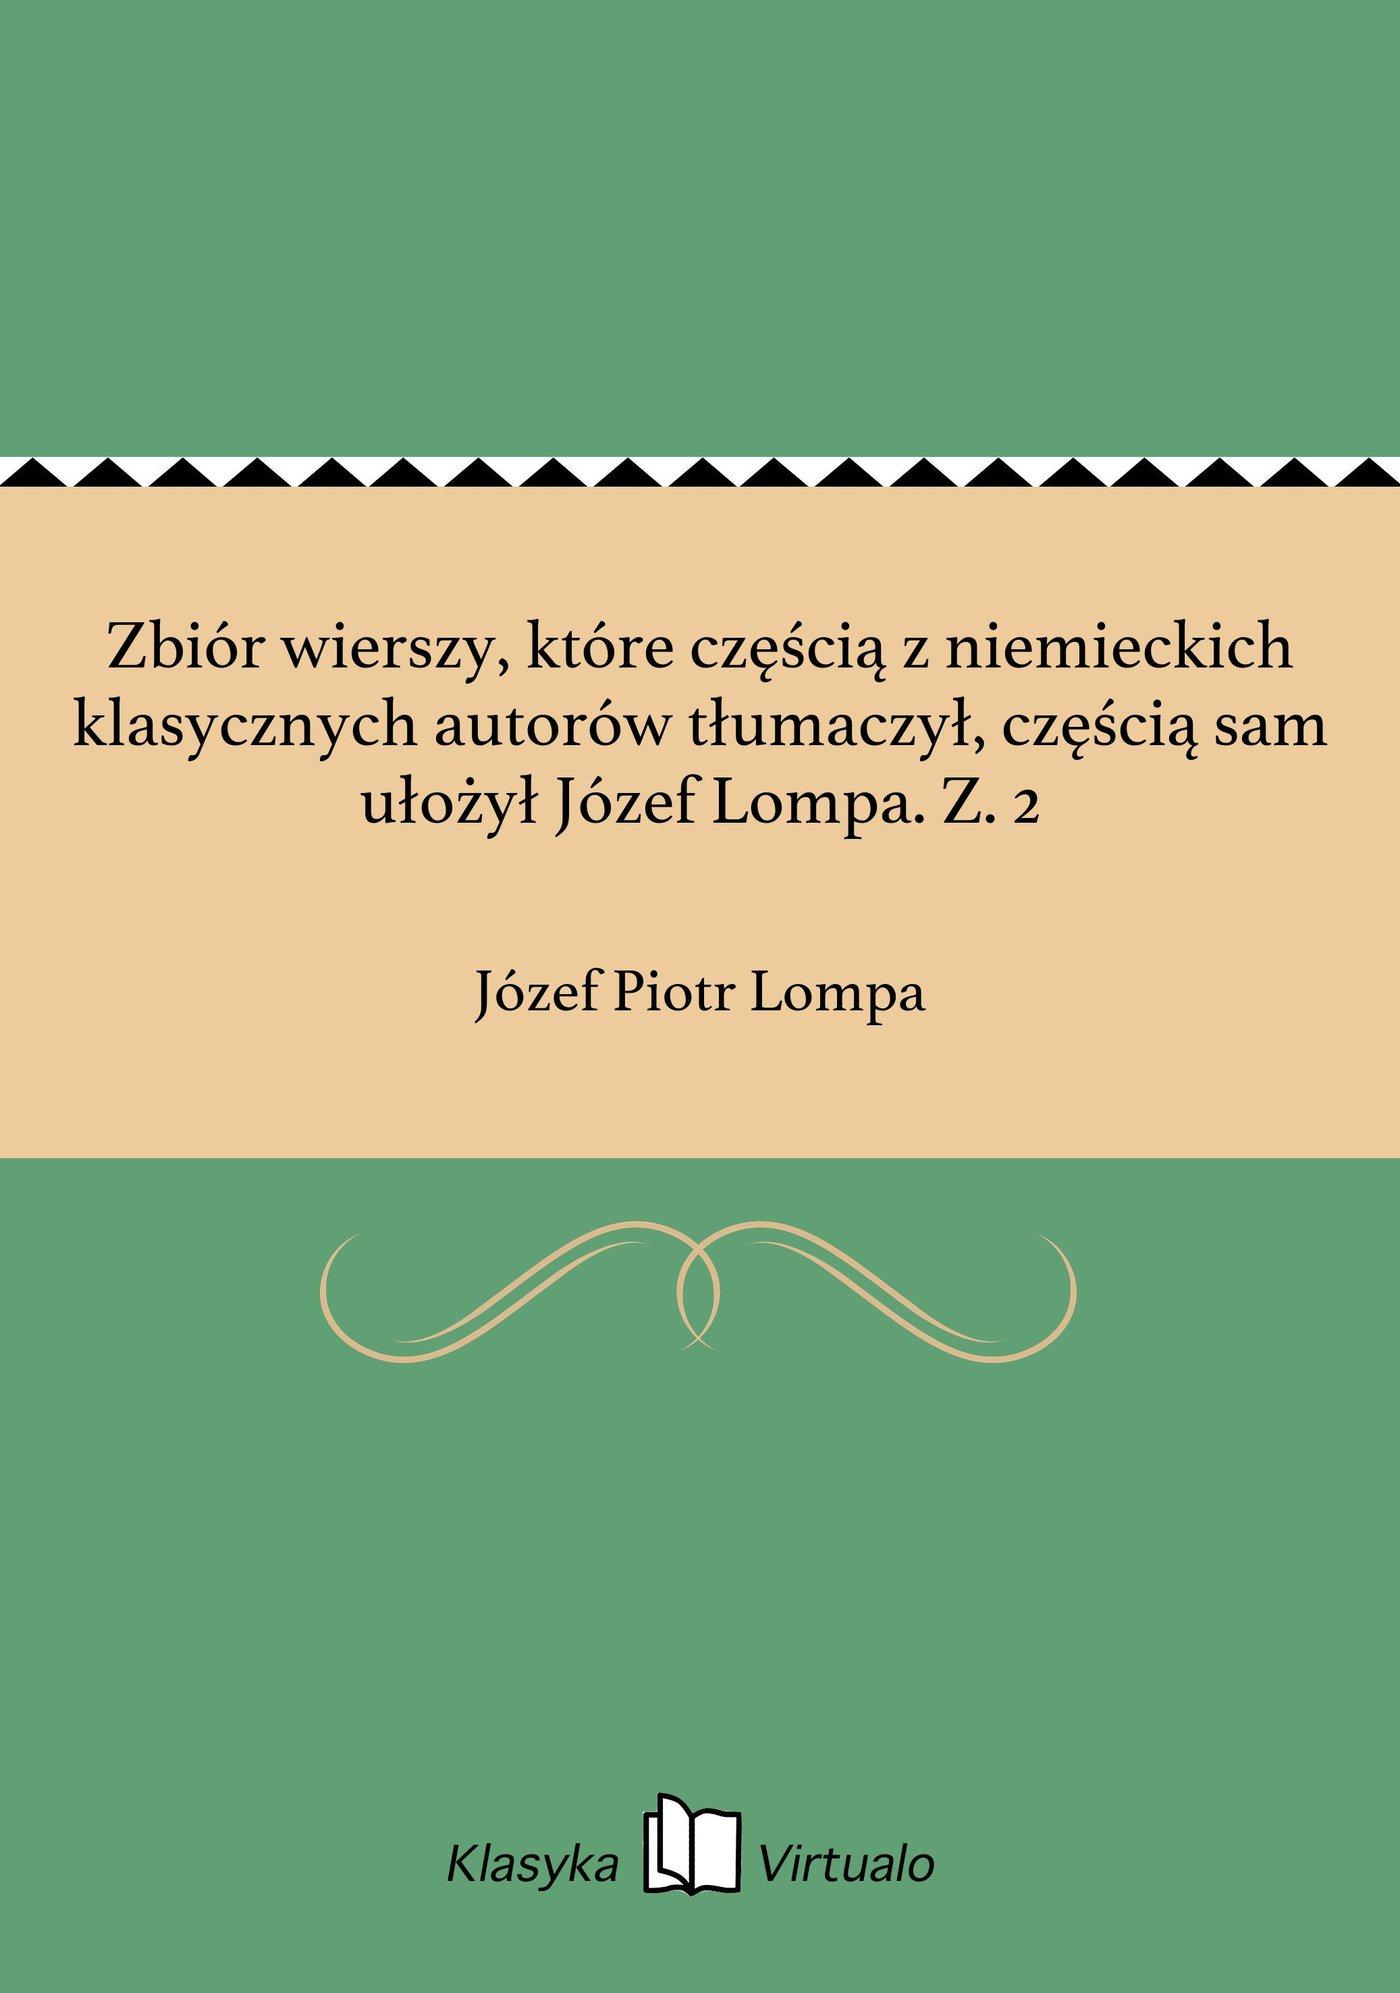 Zbiór wierszy, które częścią z niemieckich klasycznych autorów tłumaczył, częścią sam ułożył Józef Lompa. Z. 2 - Ebook (Książka EPUB) do pobrania w formacie EPUB